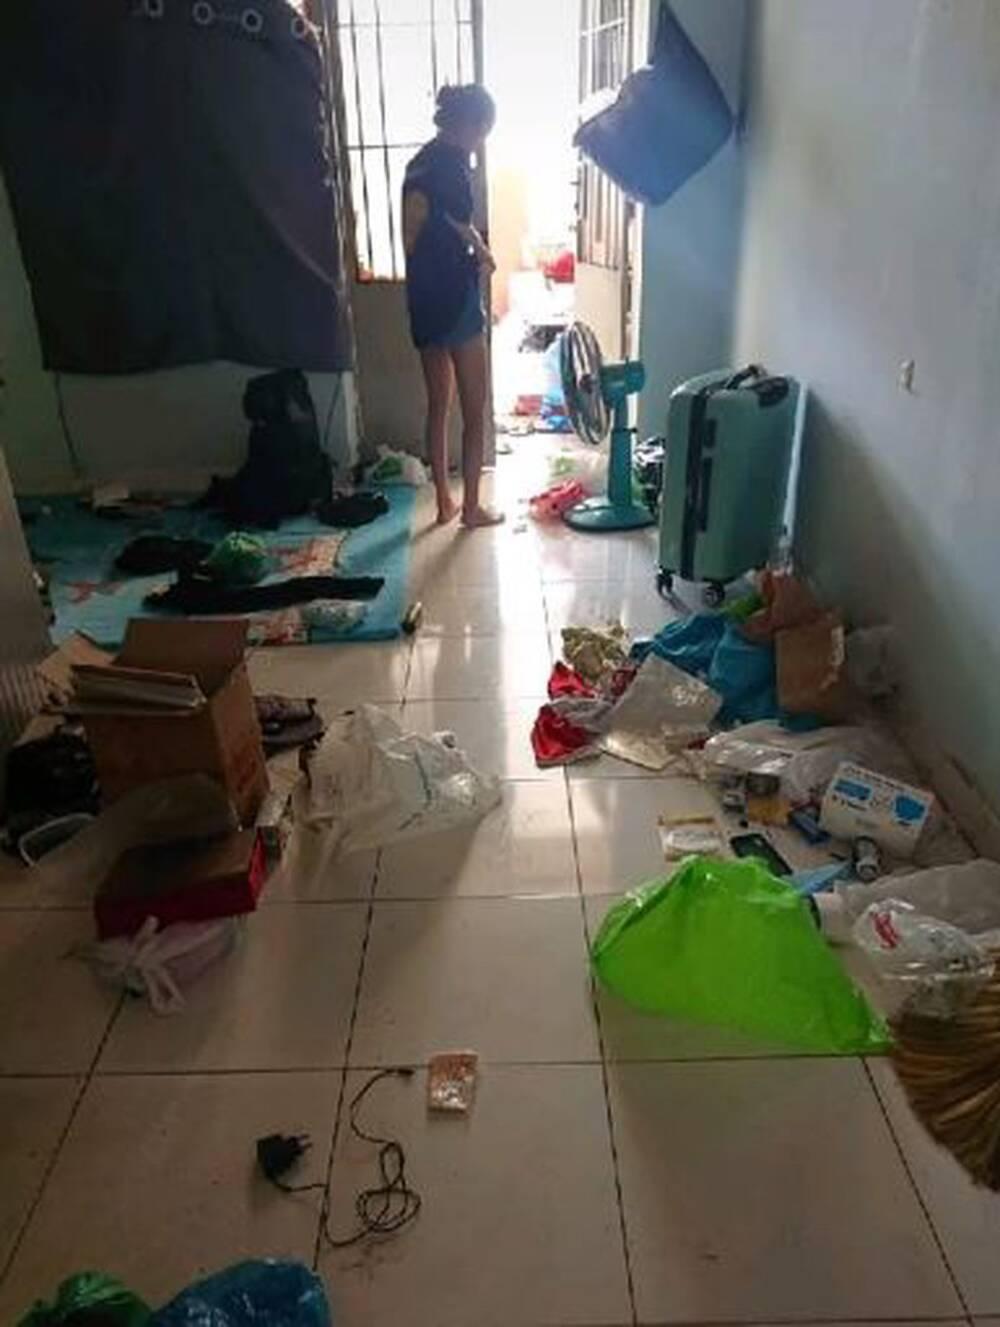 Cận cảnh căn phòng trọ ngập ngụa rác của 4 nữ sinh ở TP.HCM, cộng đồng mạng lắc đầu ngao ngán - Ảnh 1